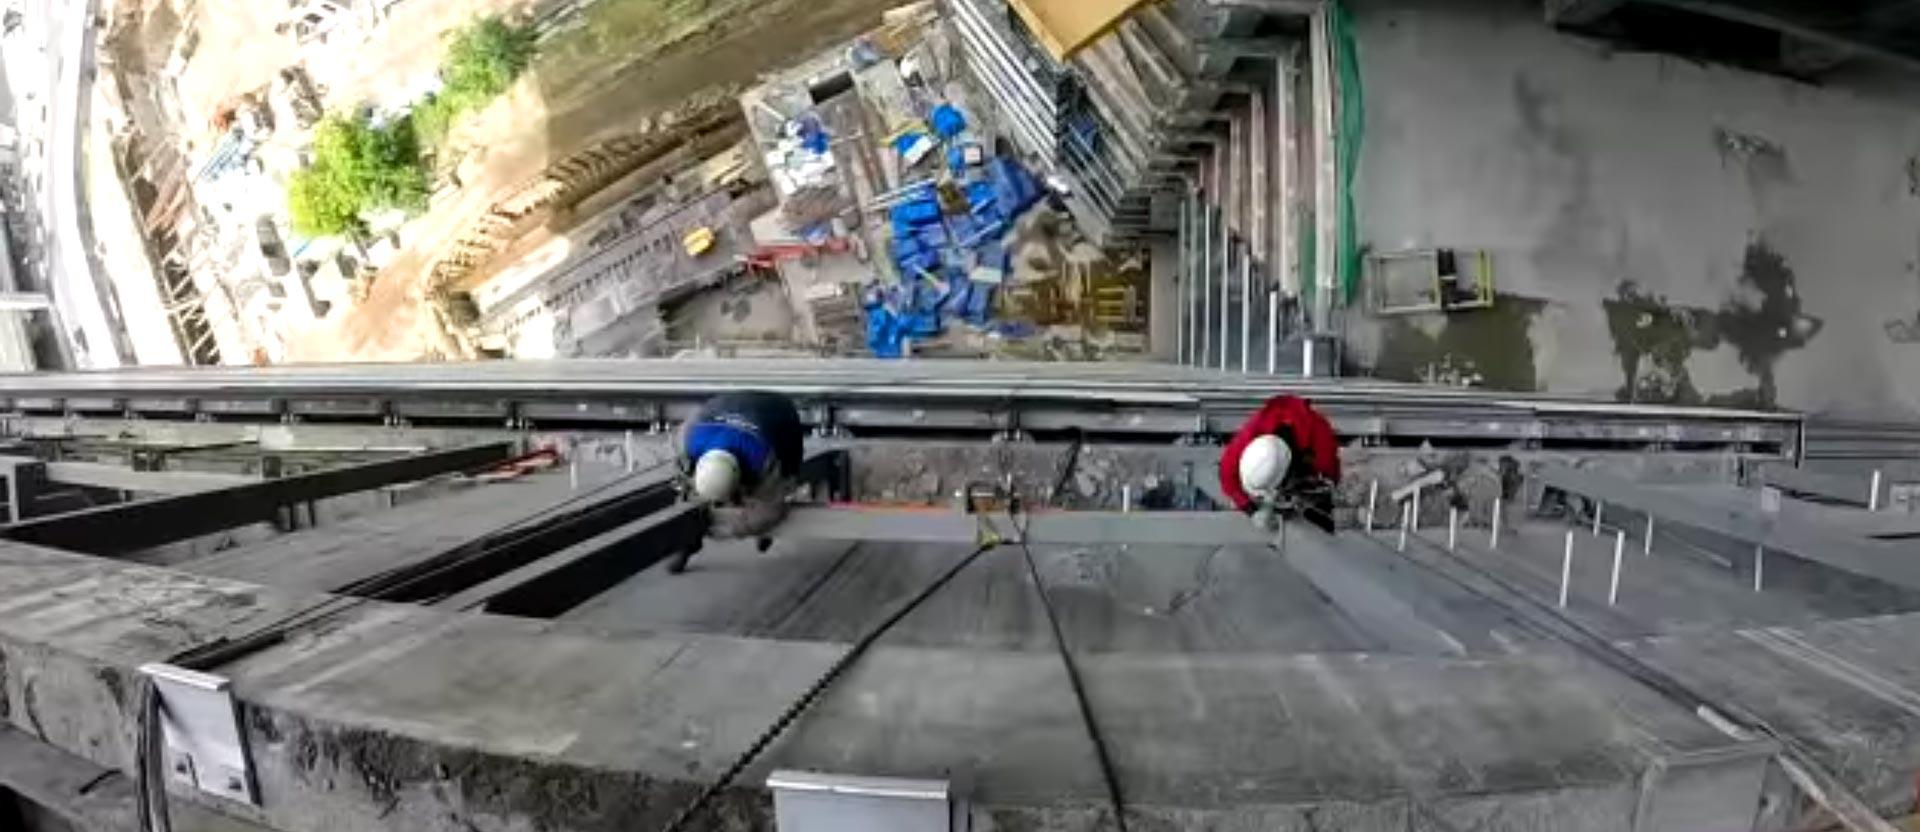 Монтаж металлоконструкций на высоте 100 метров. Как мы производили монтаж металлоконструкций для установки фасада